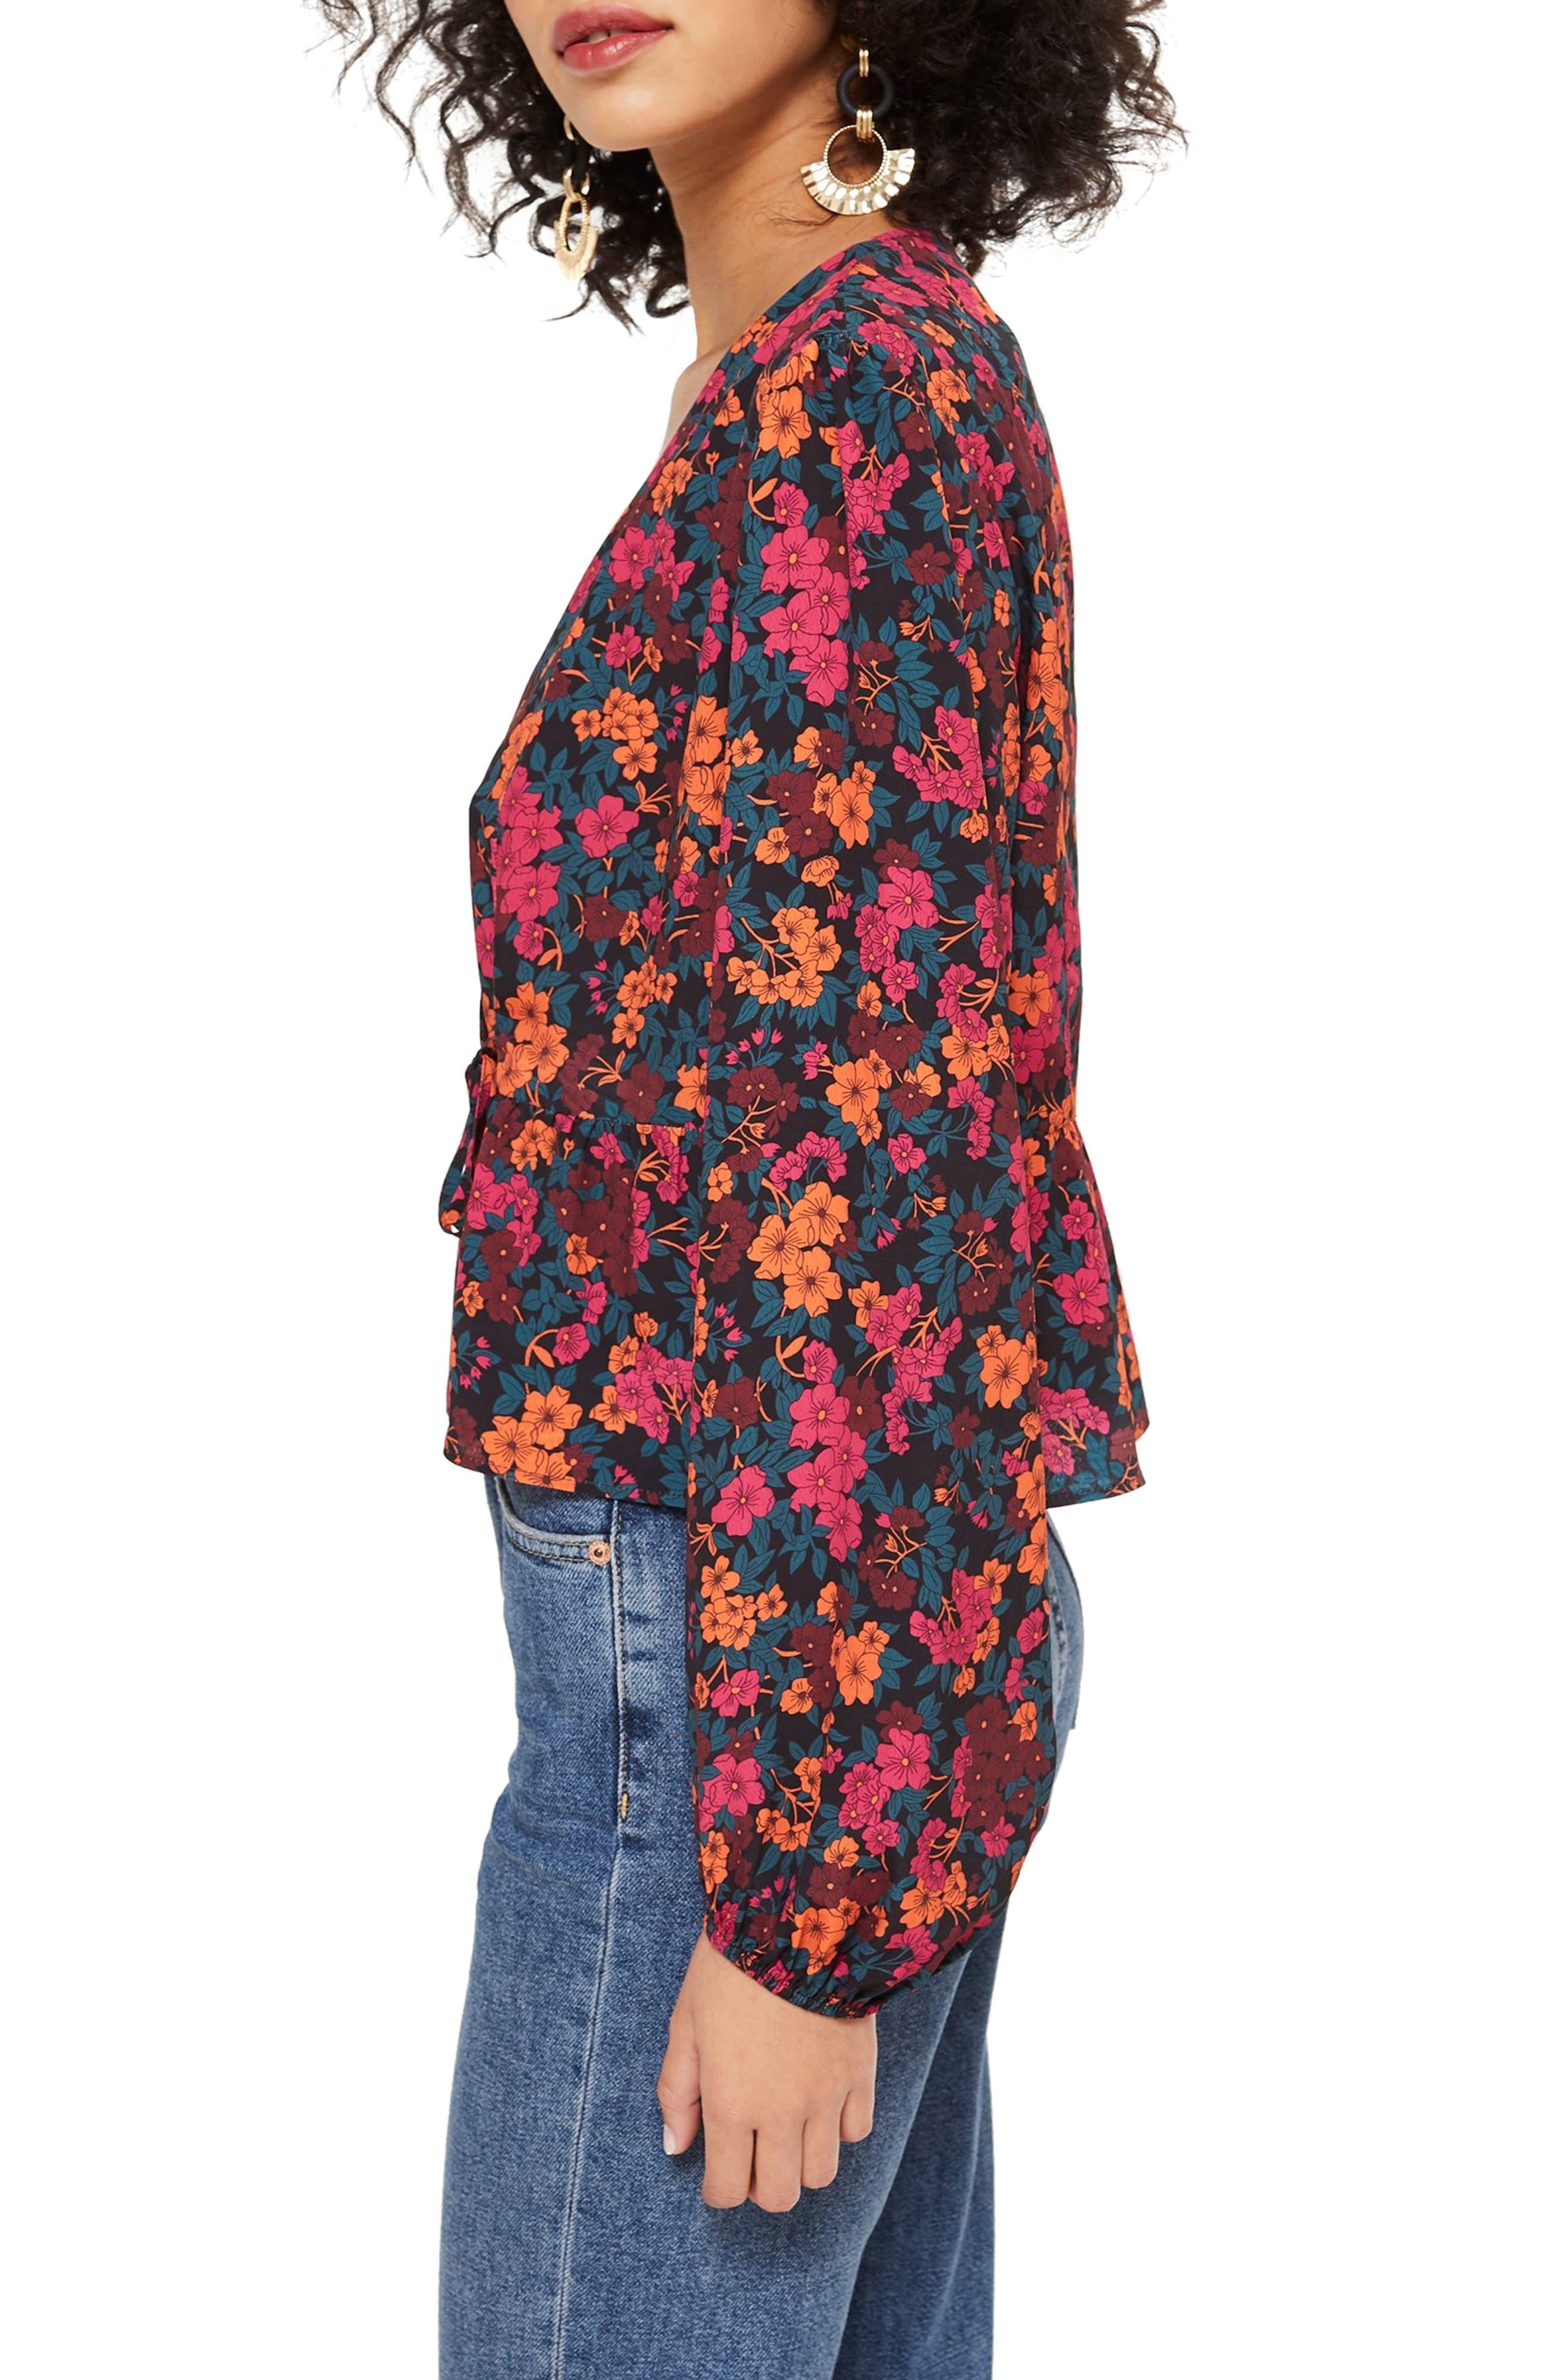 TOPSHOP, Grand Estate Floral Blouse, Alternate thumbnail 3, color, 600